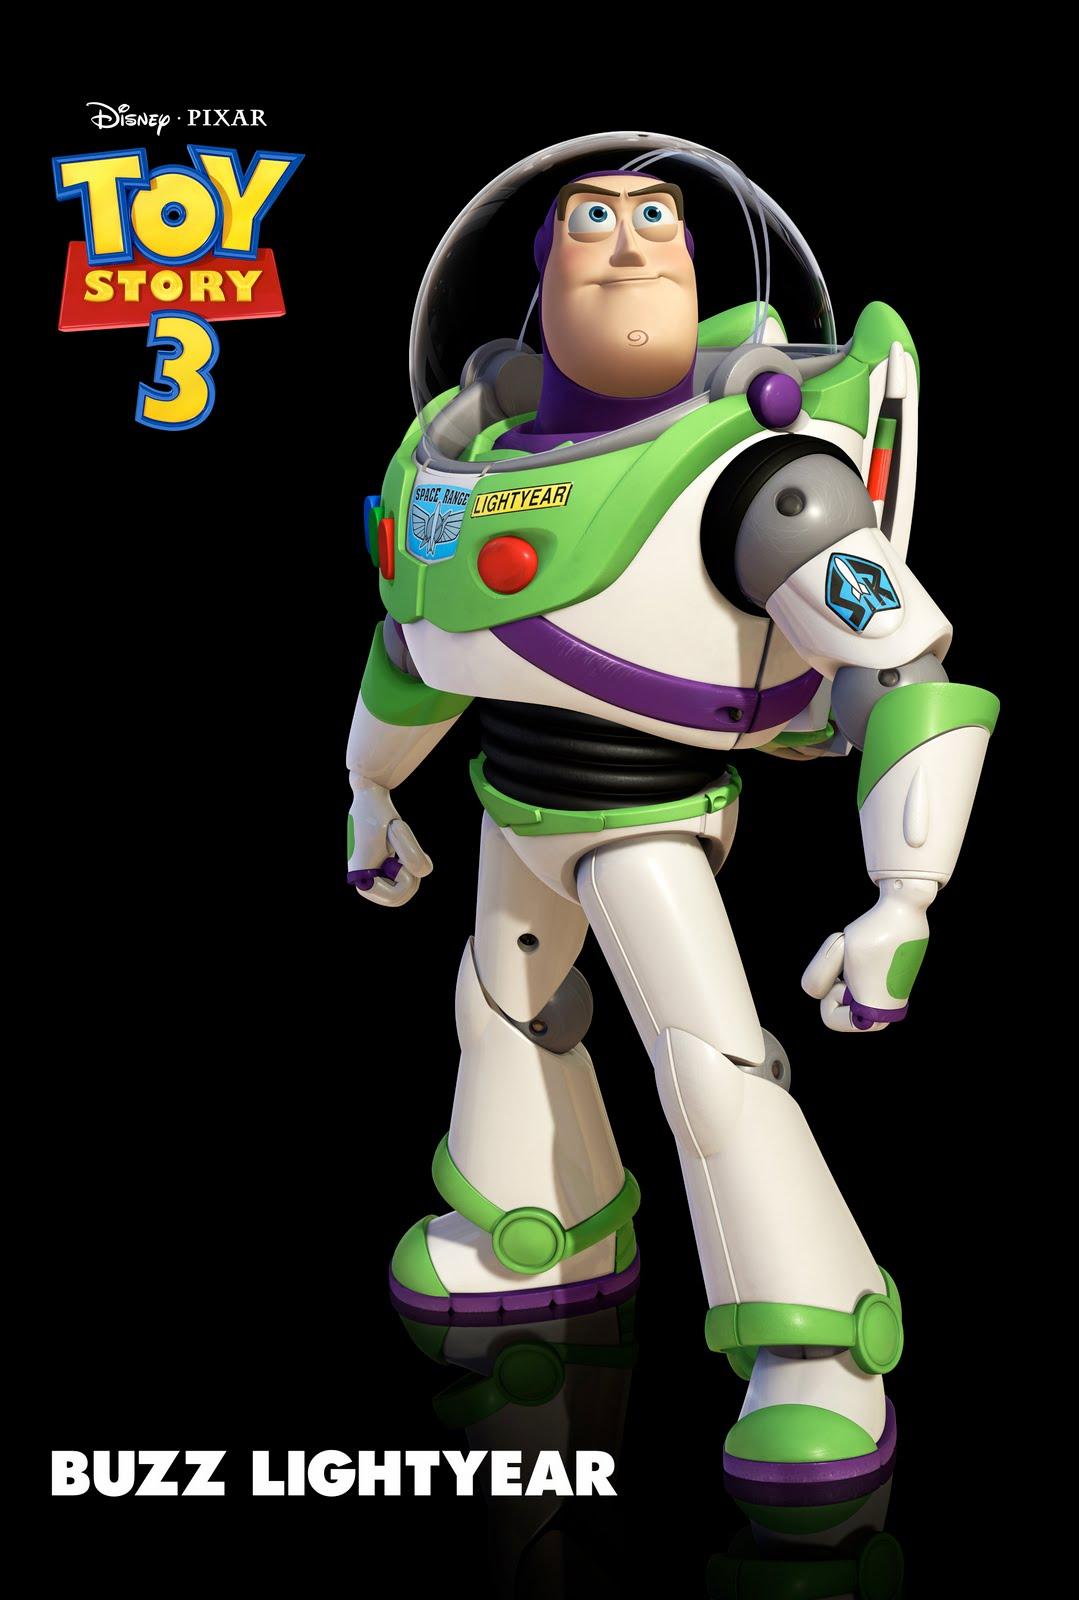 Y es que no sólo los nuevos personajes de TOY STORY 3 tienen pósters d83003b83c4